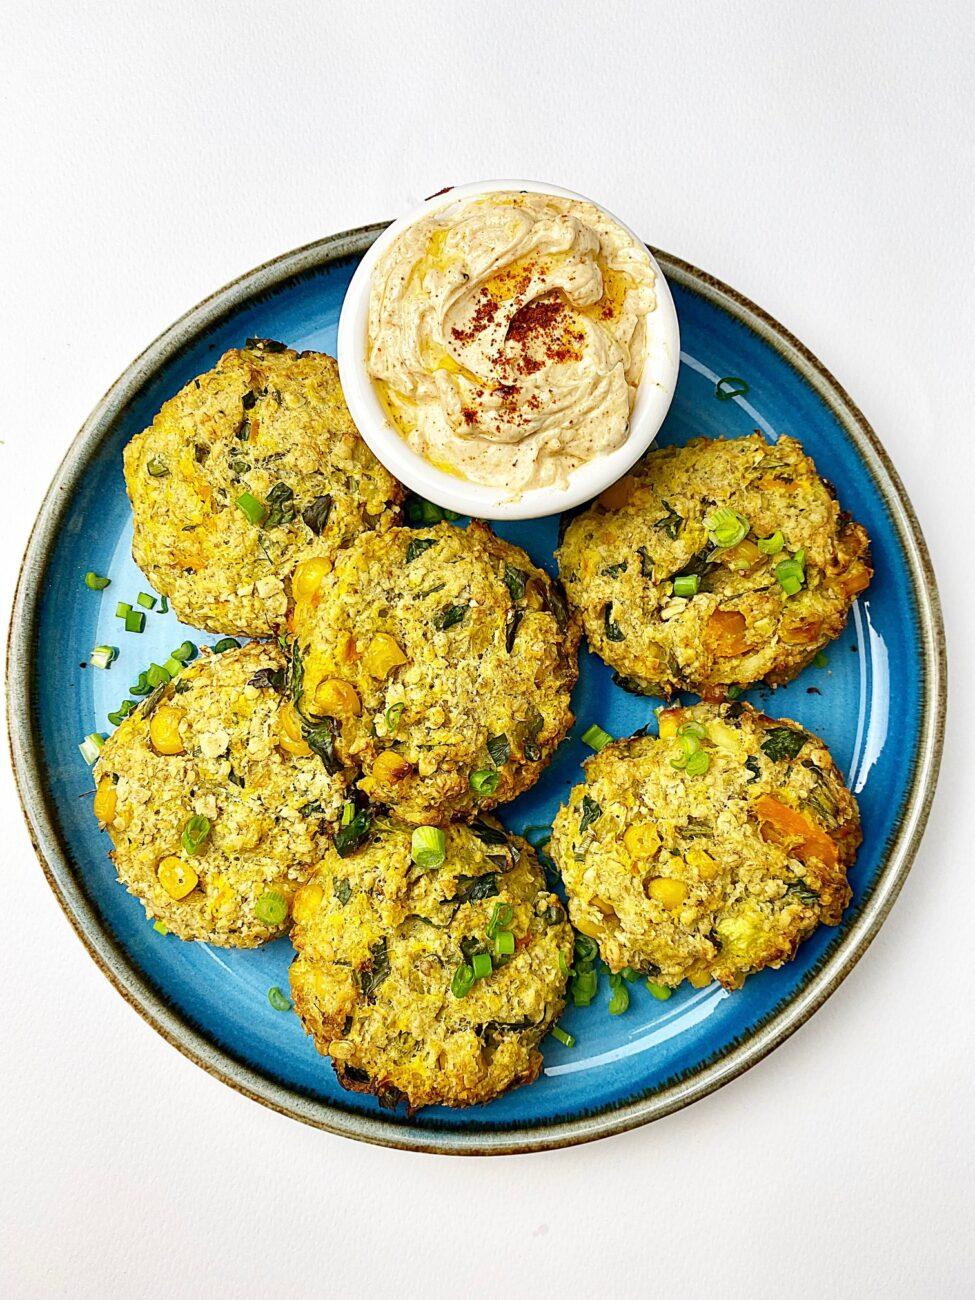 Μπιφτέκια λαχανικών|Χωρίς αυγά στο φούρνο